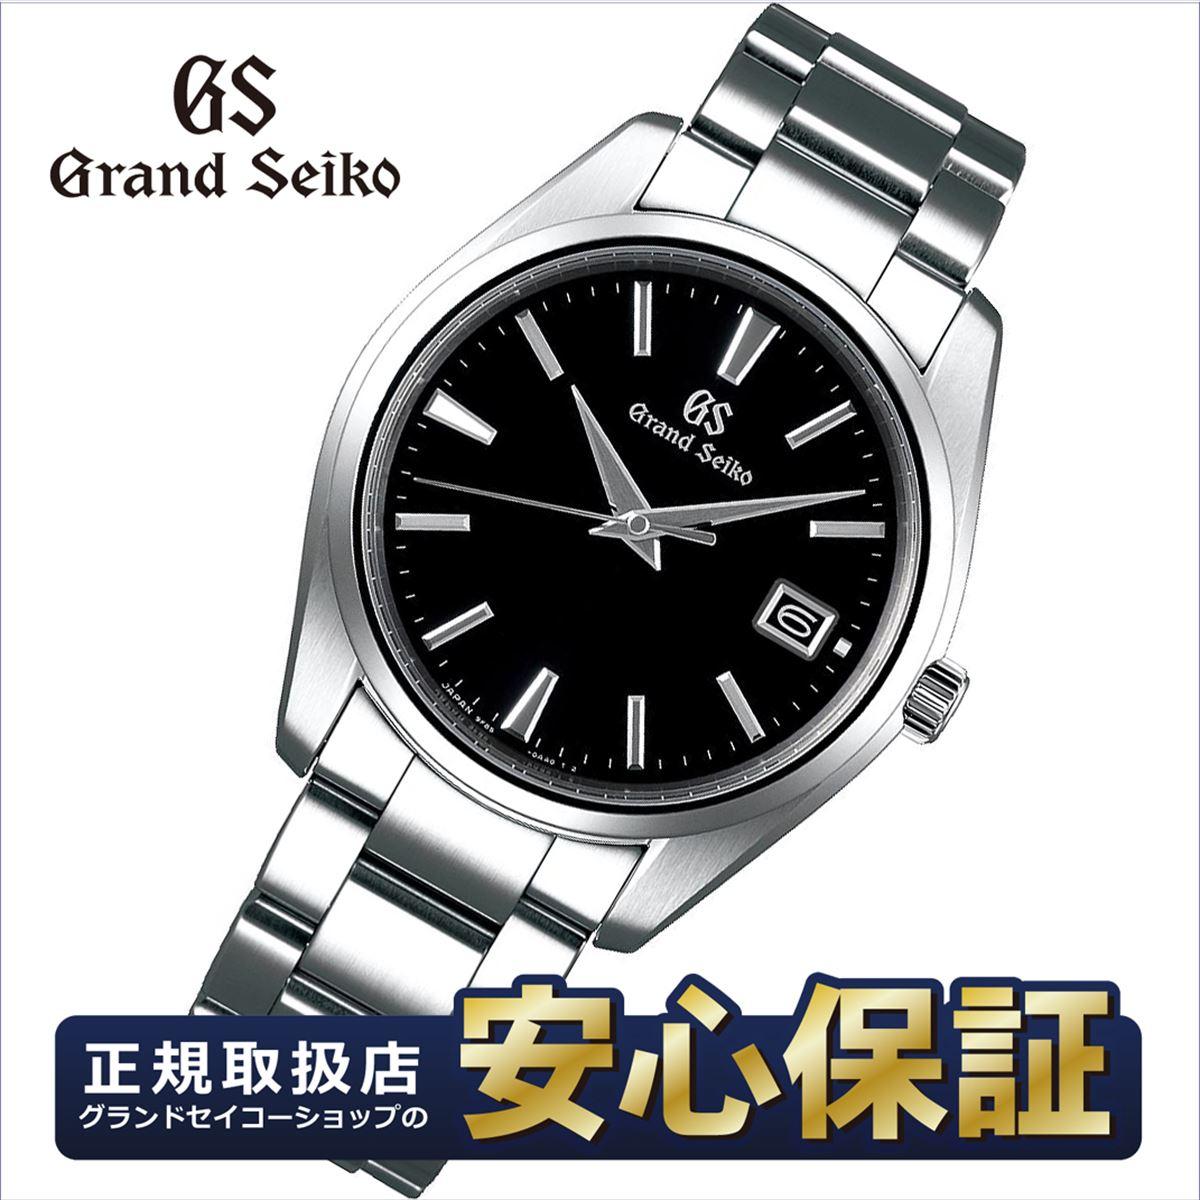 腕時計, メンズ腕時計 30GSSEIKO SBGP011 40mm GRAND SEIKO NLGS10spl0620